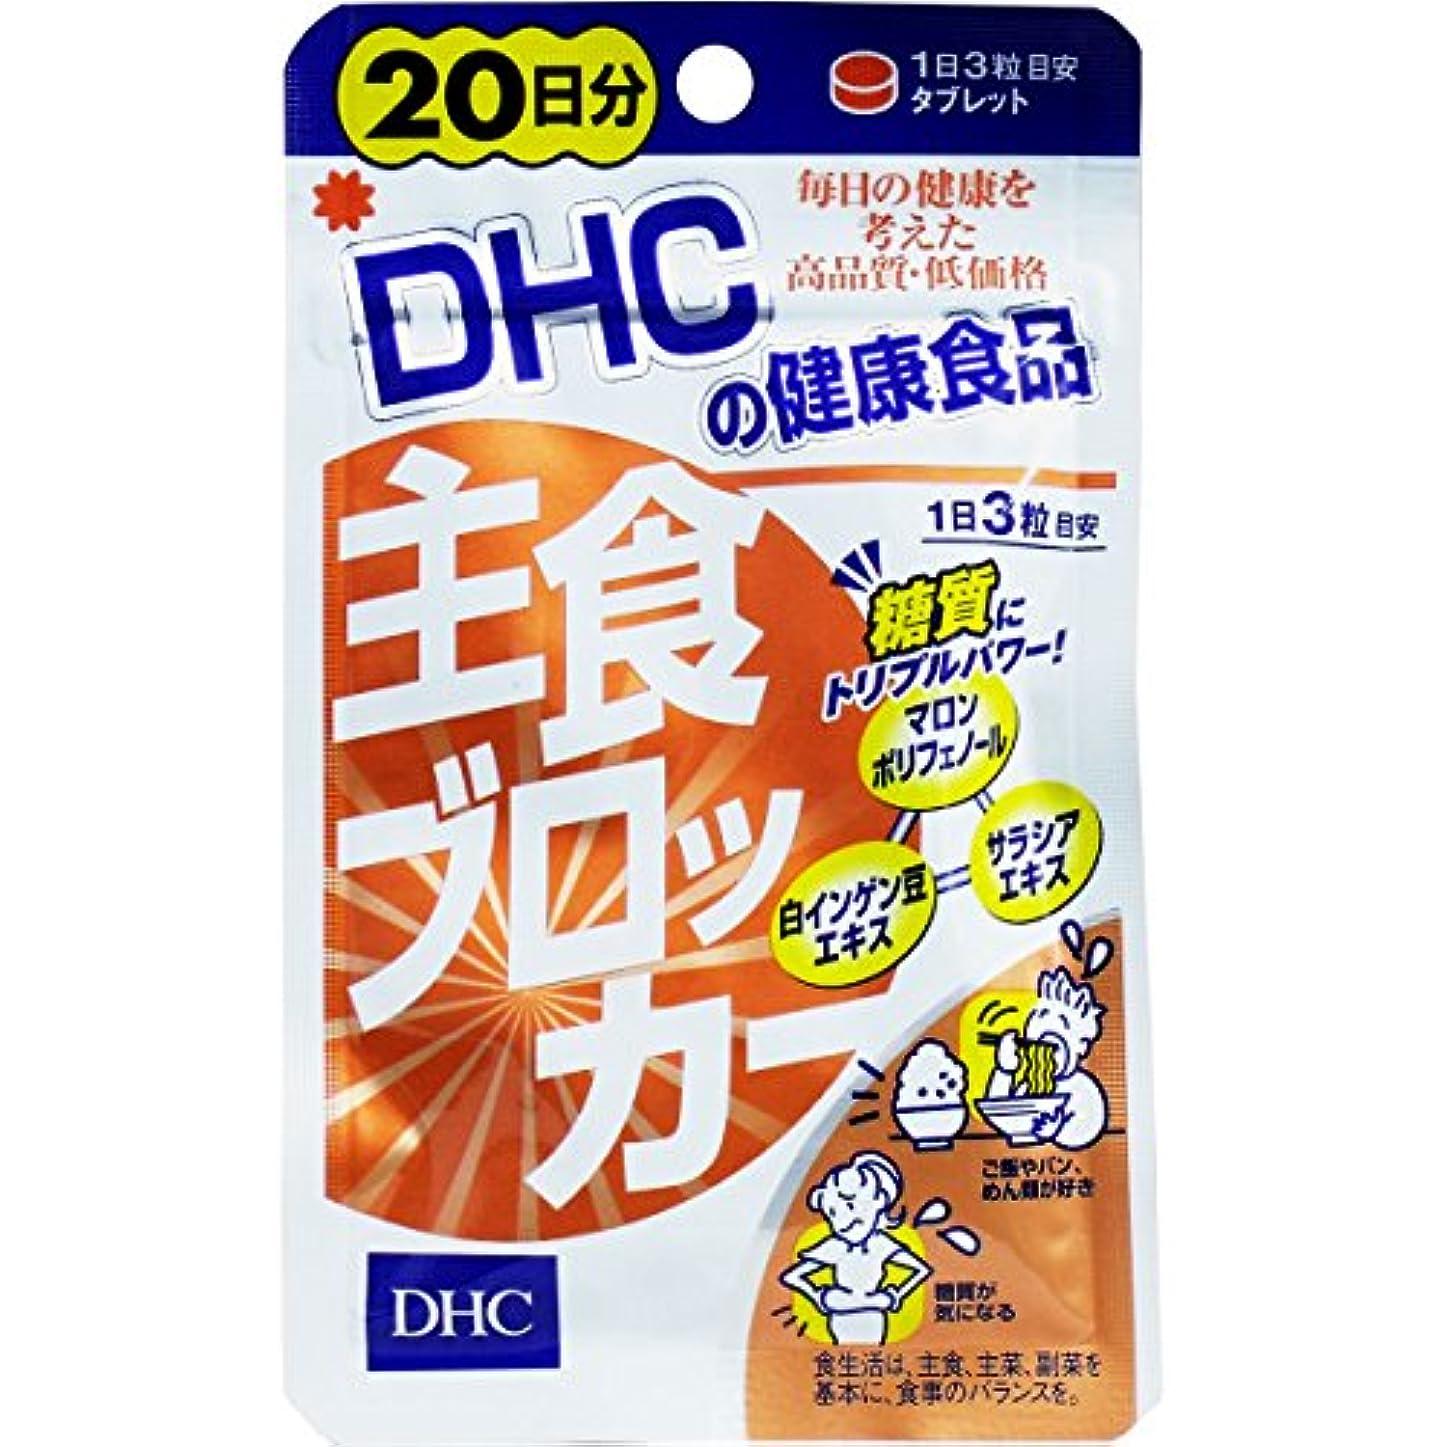 雰囲気道を作る主導権【DHC】主食ブロッカー 20日分 60粒 ×5個セット